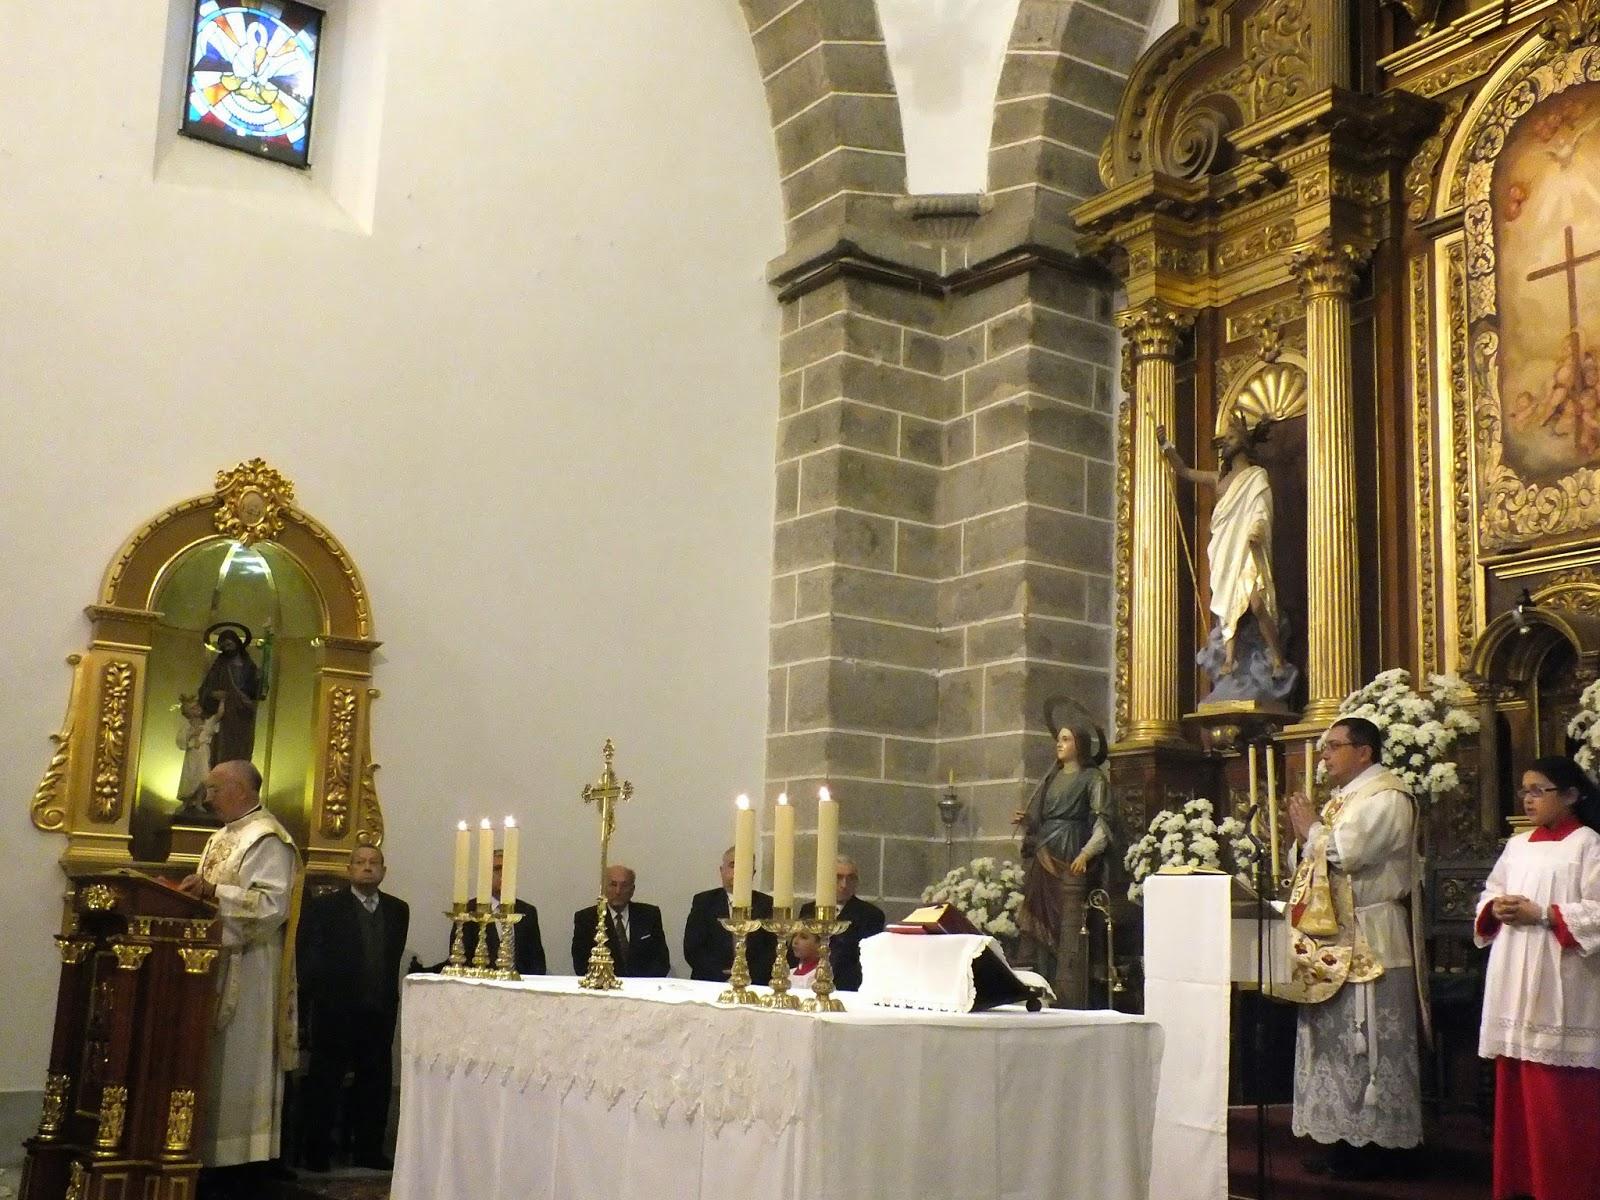 Parroquia san mateo jueves santo 2015 en villanueva del duque for Villanueva del duque